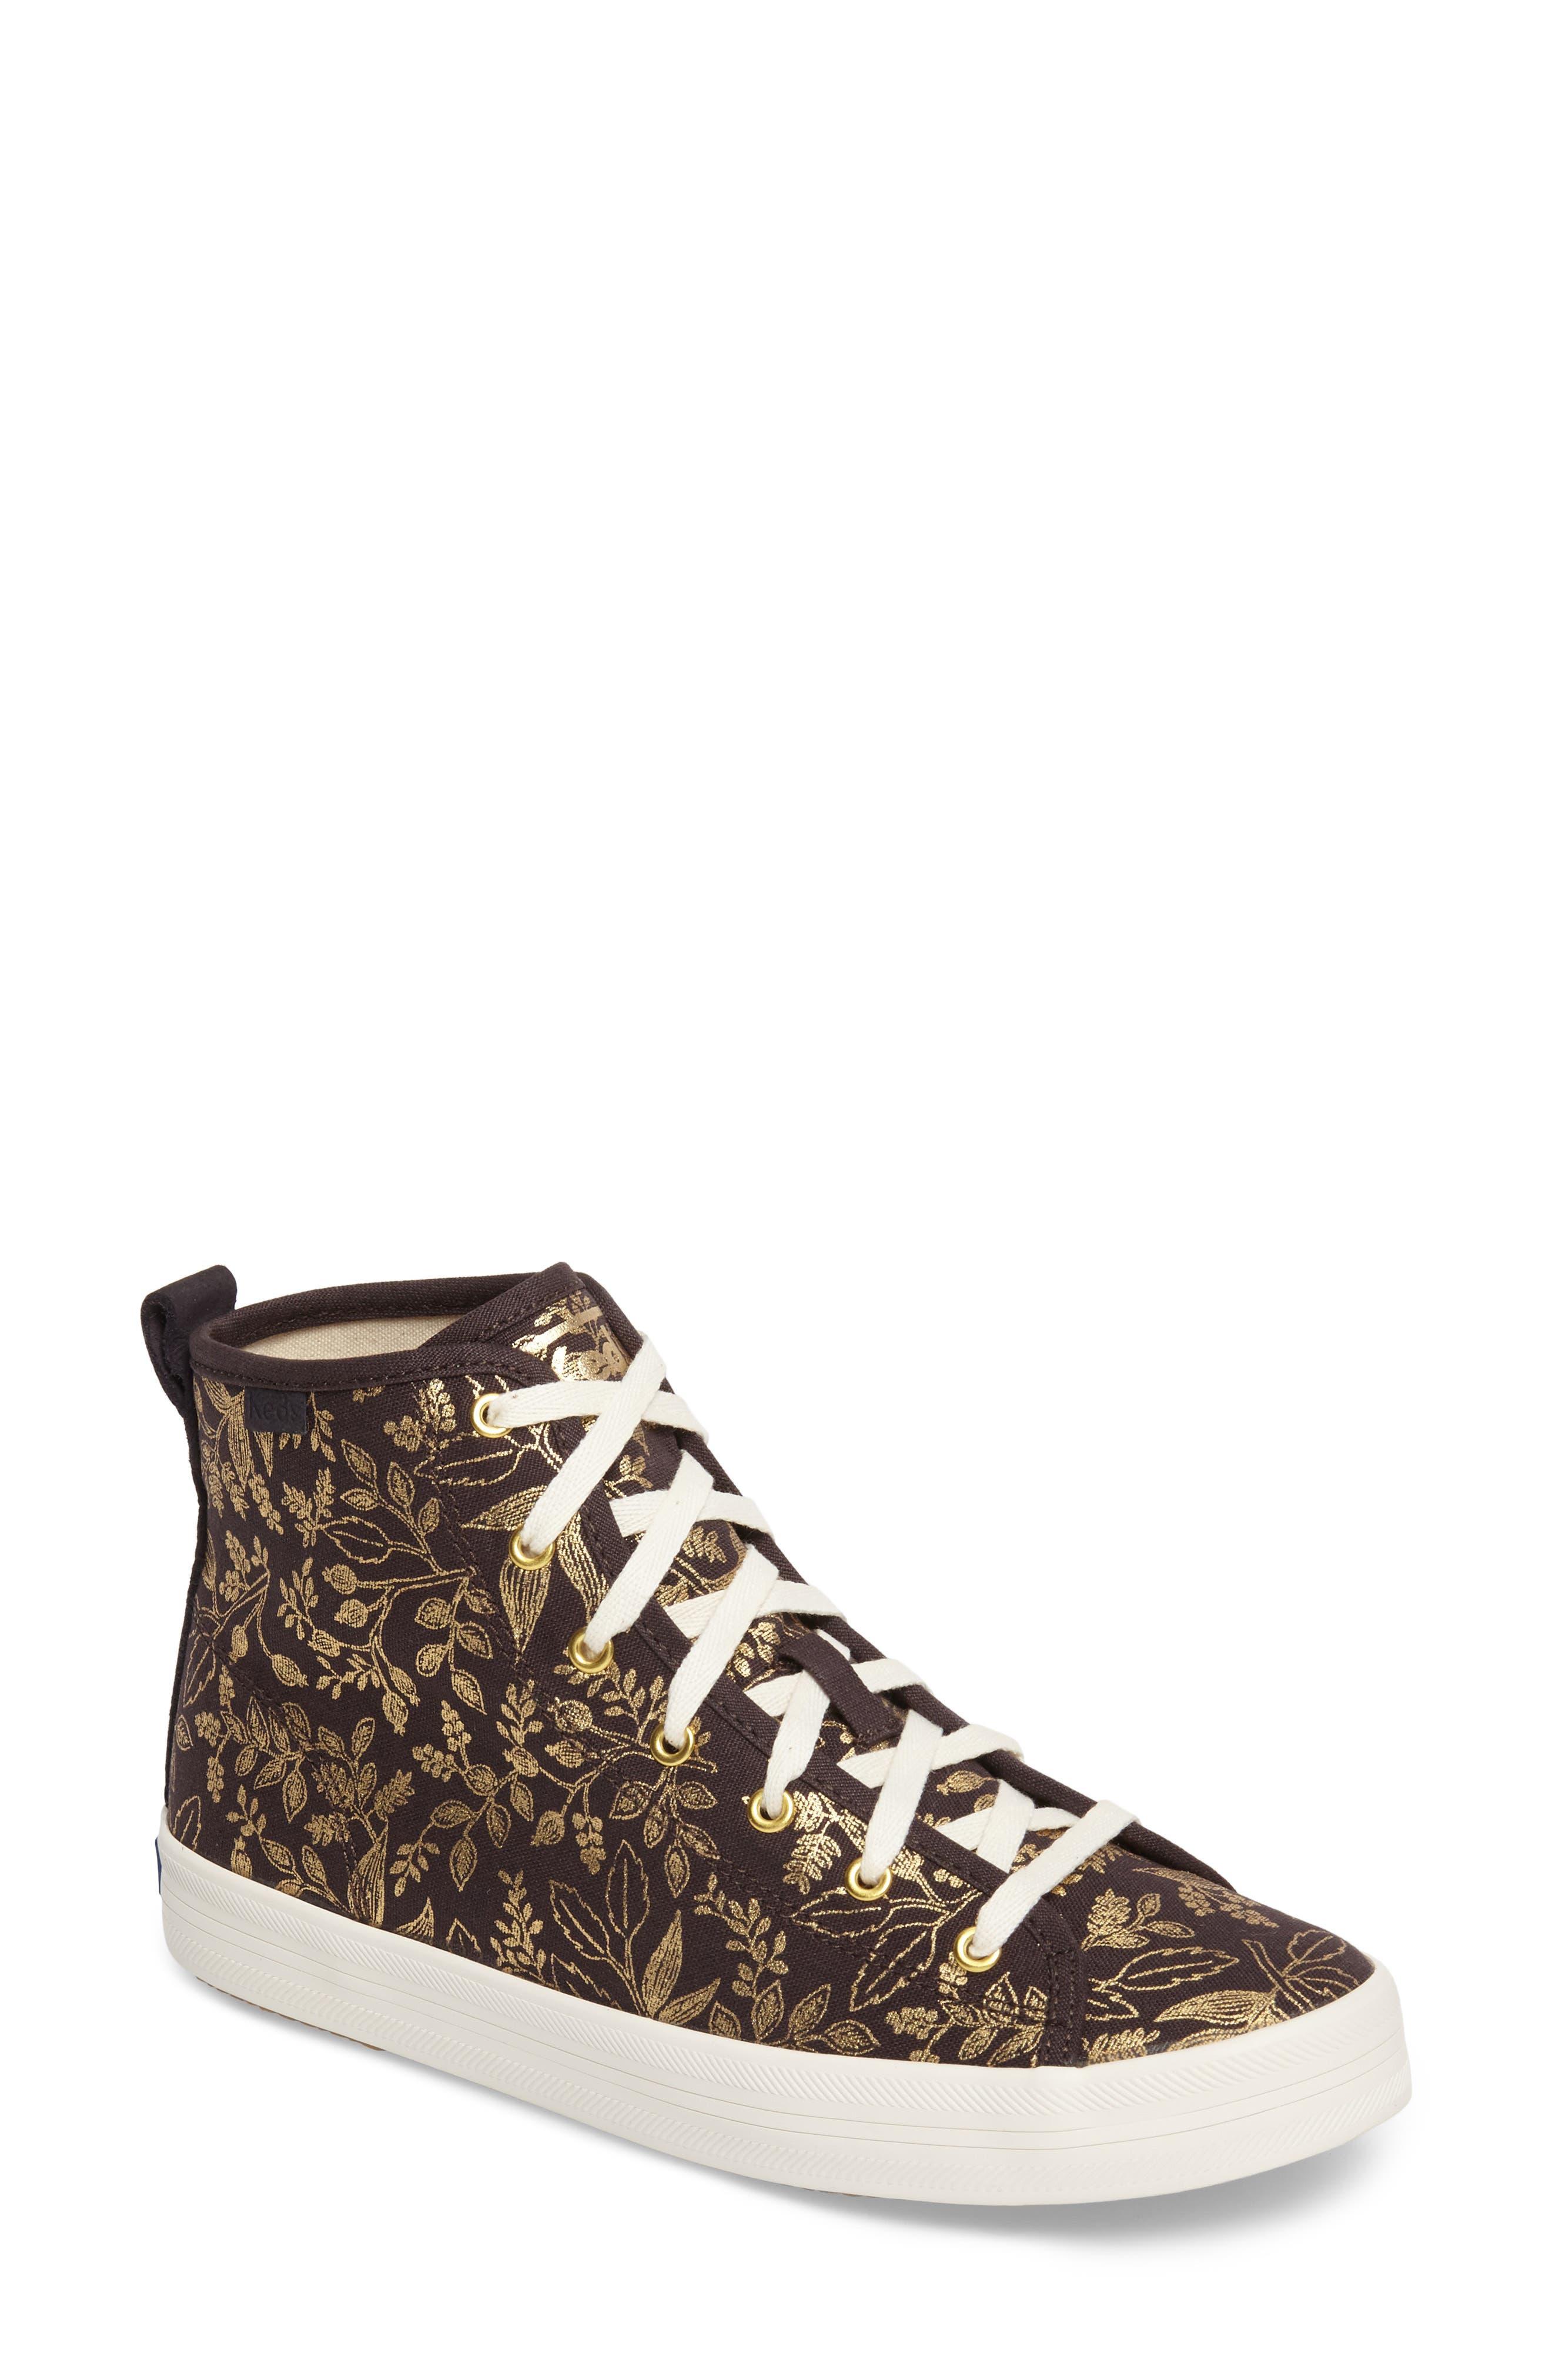 Keds® x Rifle Paper Co. Queen Anne High Top Sneaker (Women)